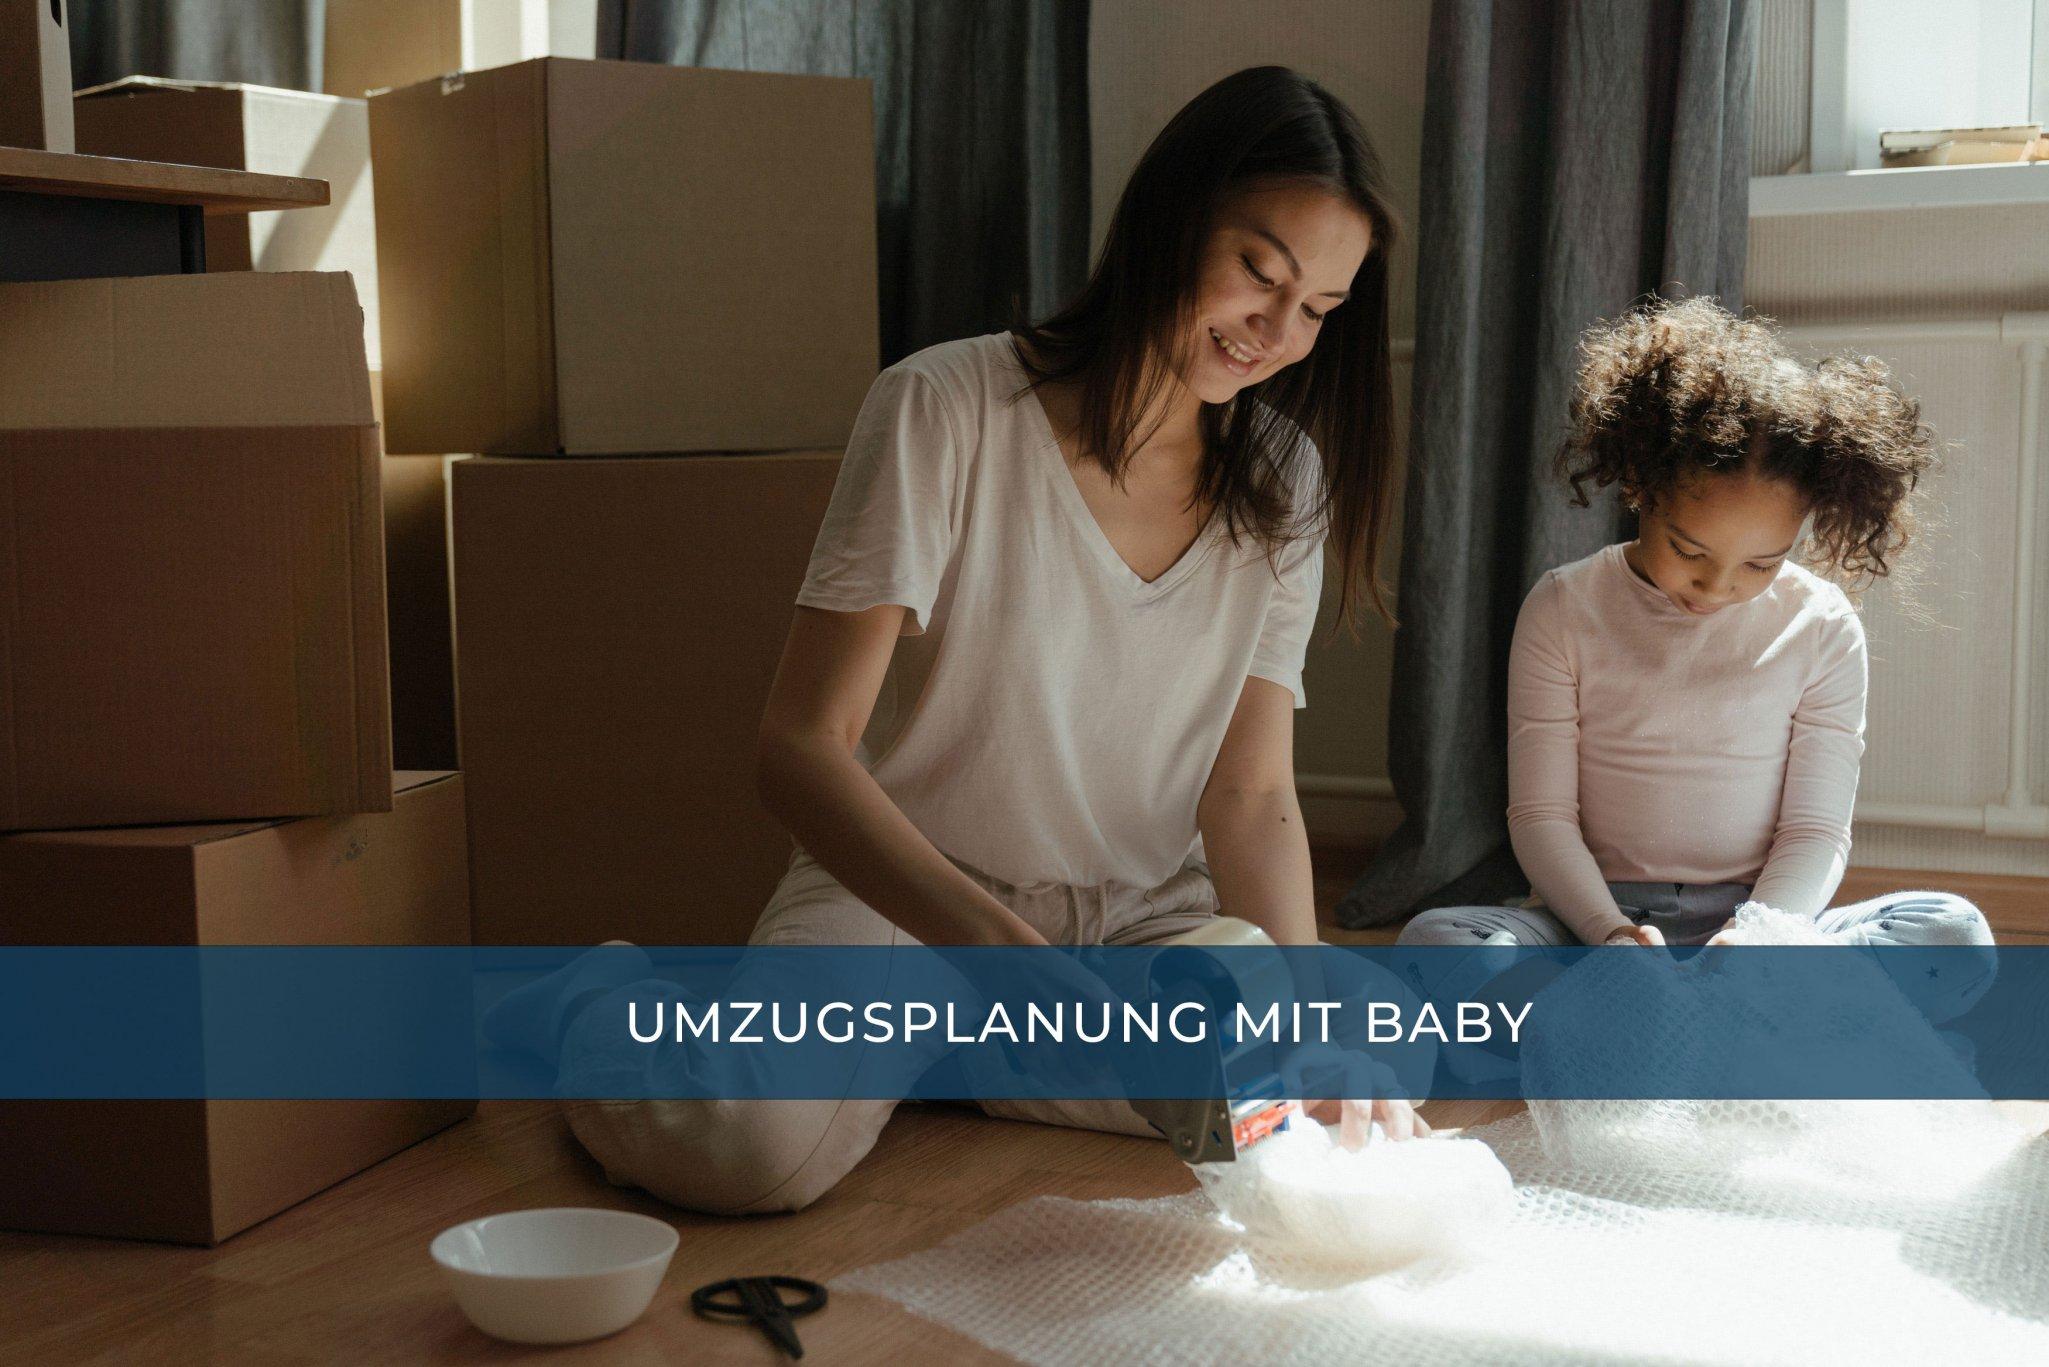 Umziehen mit Baby Photo